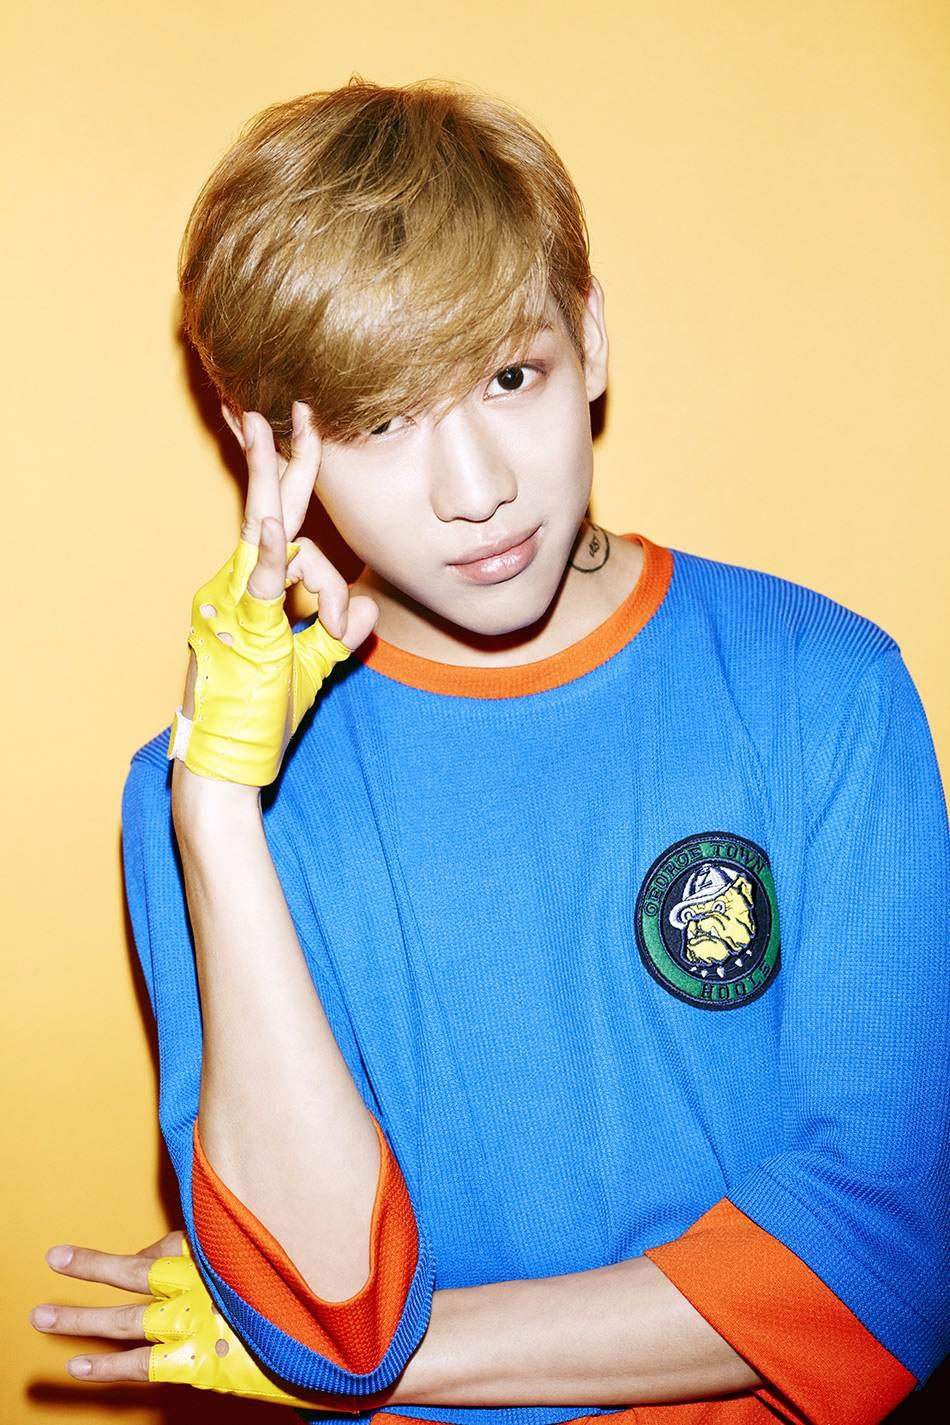 雖然現在泰國籍的韓團偶像成員有很多,但大家應該都知道JYP娛樂的GOT7裡面,有一個成員Bam Bam是泰國籍吧!?而且他跟Lisa還是舊識唷~